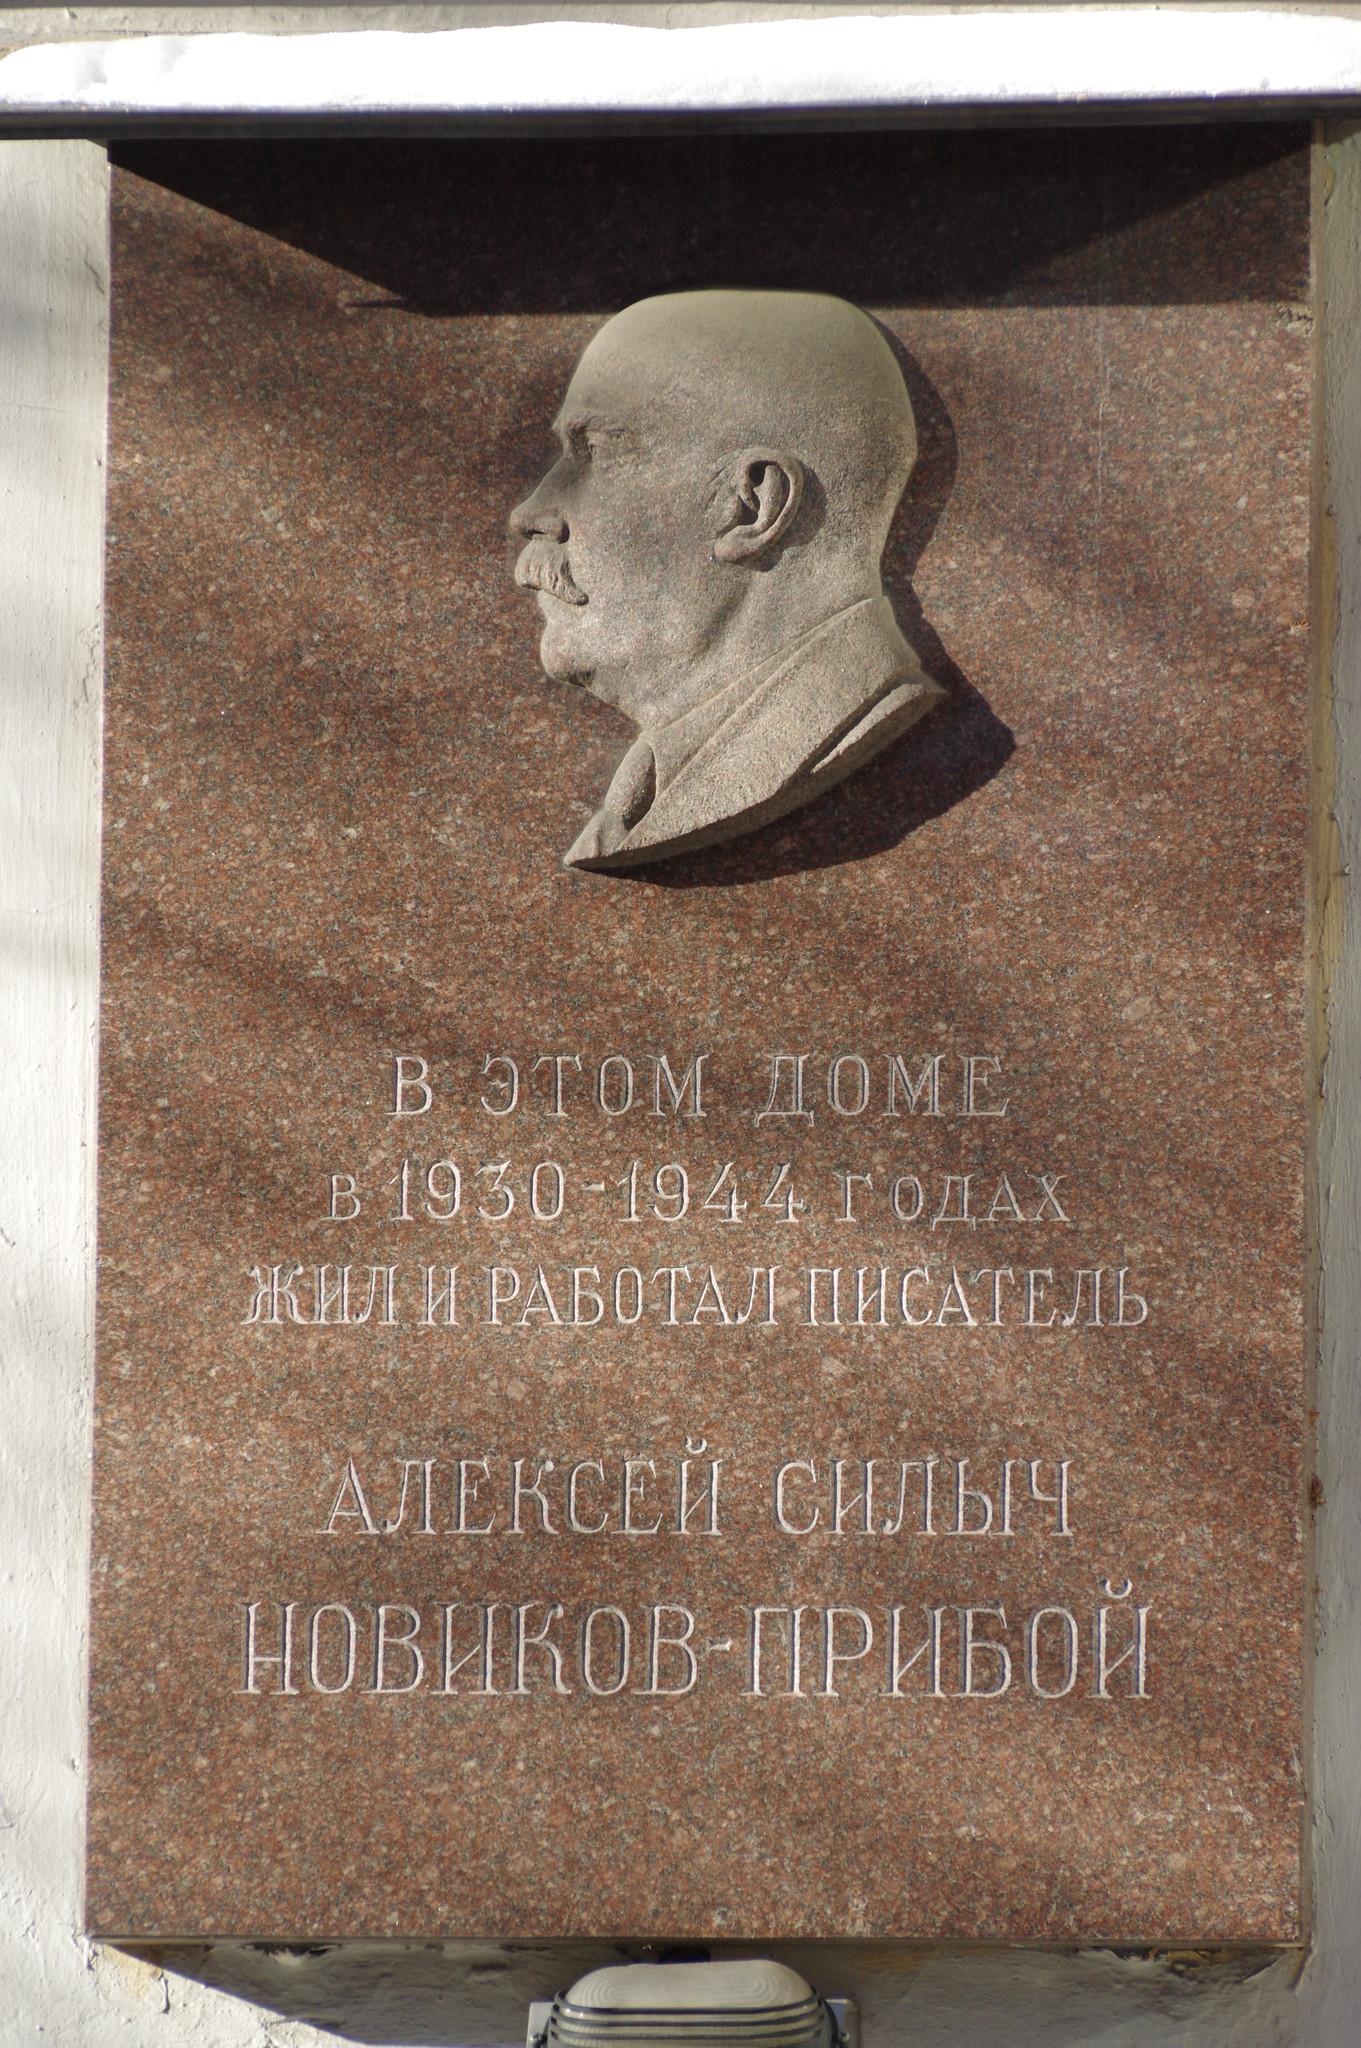 Мемориальная доска на доме где жил и работал в 1930-1944 годах Алексей Силыч Новиков-Прибой (Большой Кисловский переулок, дом 5-7)